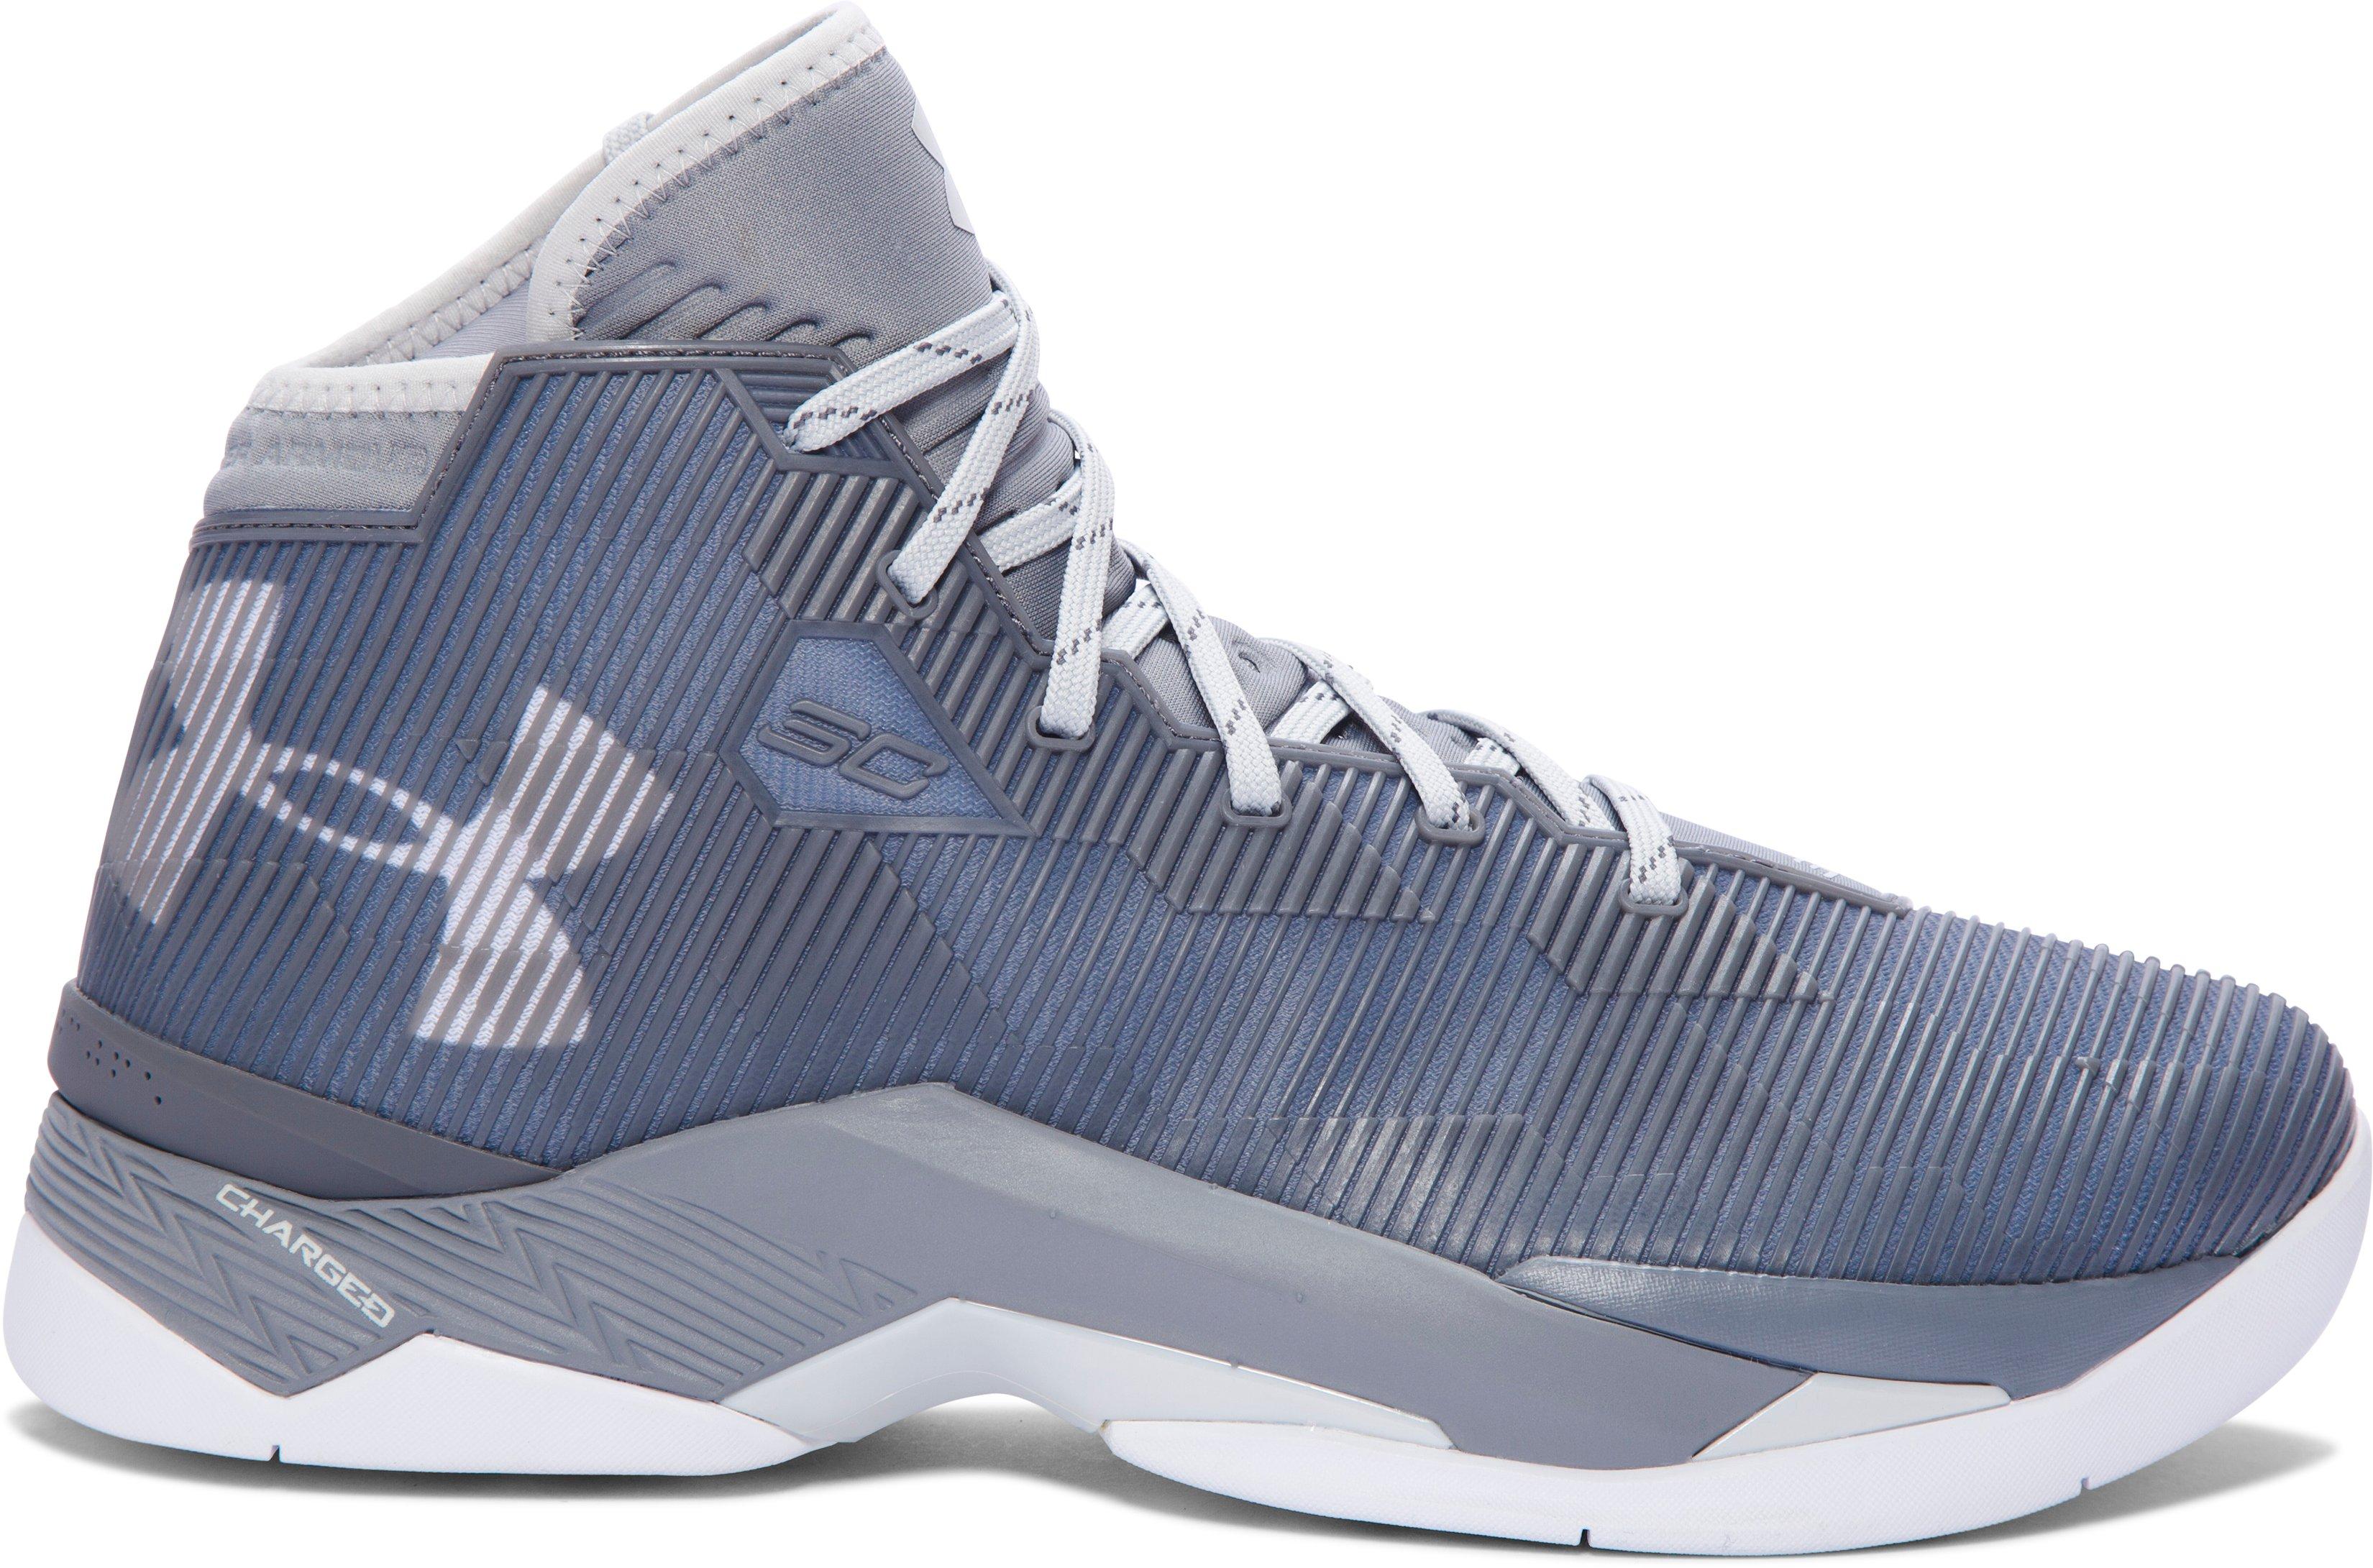 Zapatos de Basquetbol UA Curry 2.5 para Hombre, 360 degree view